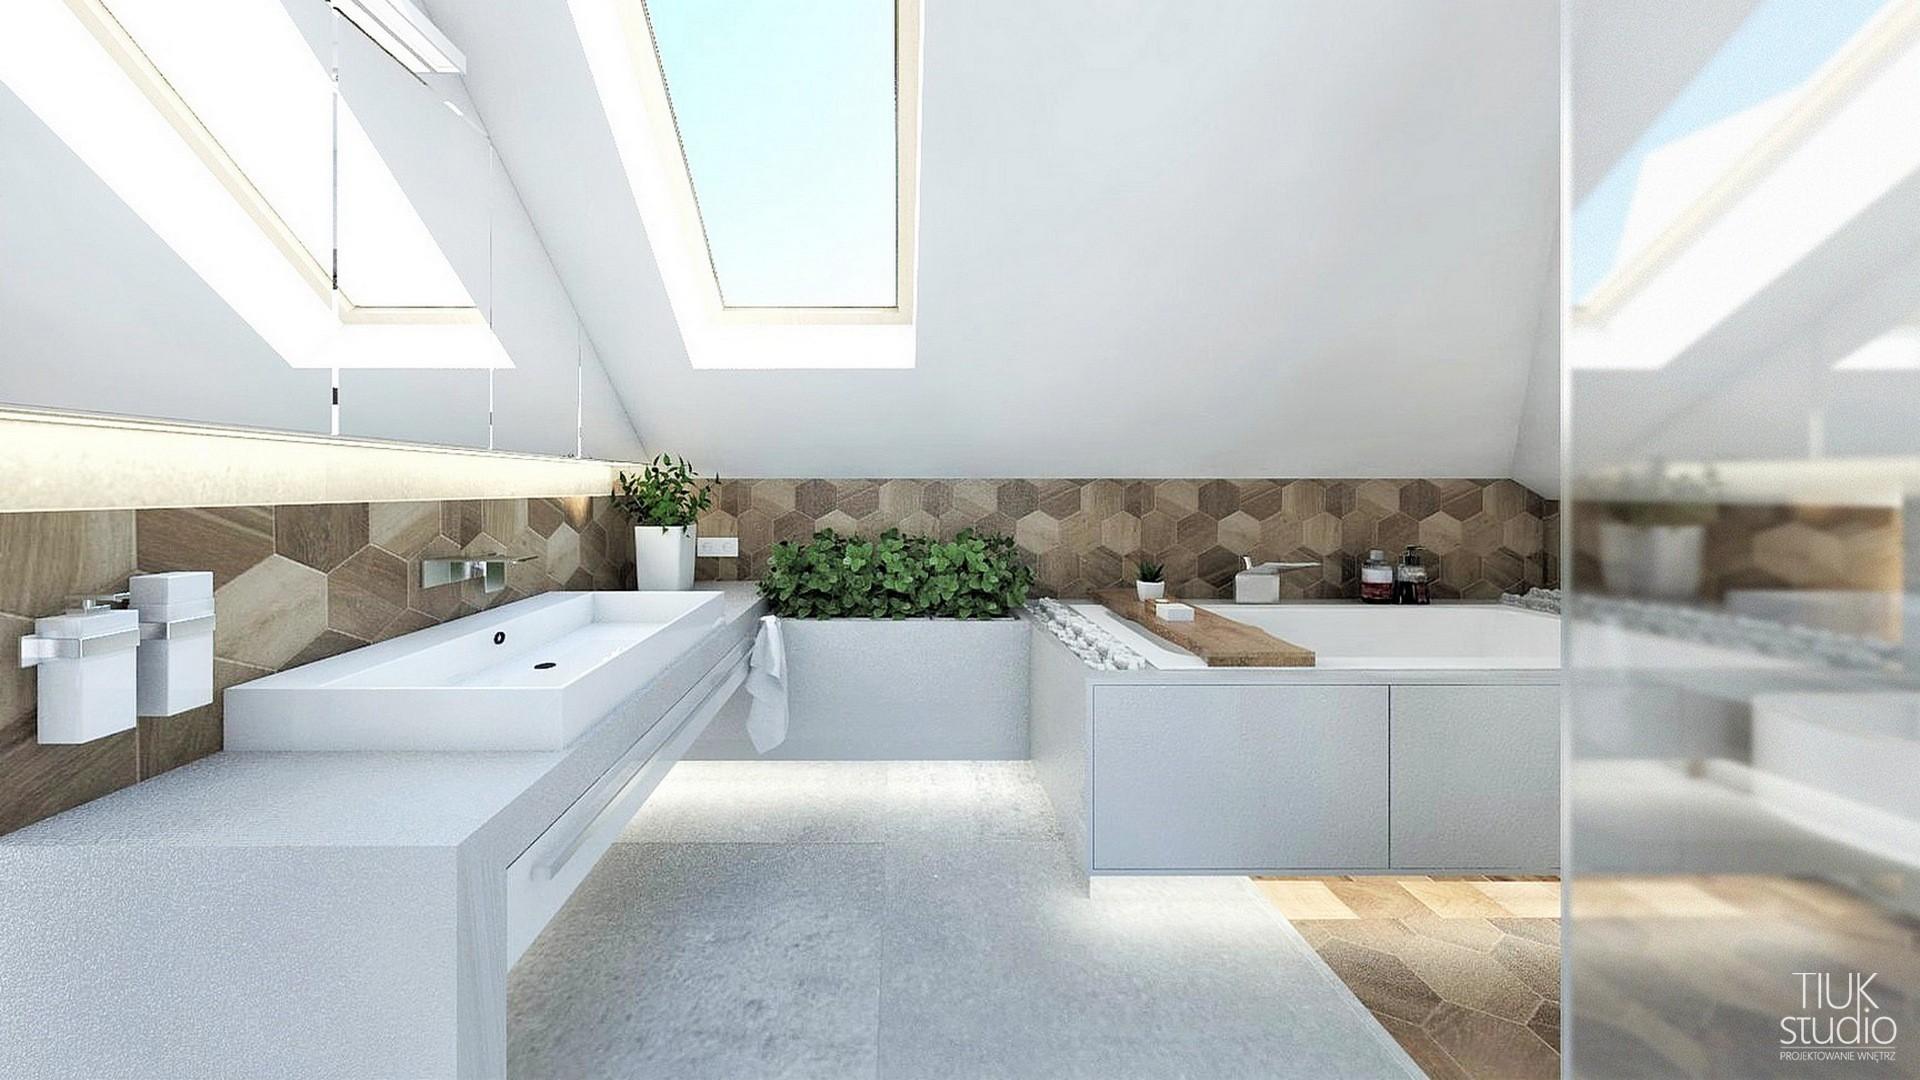 Nowoczesna łazienka Na Poddaszu Projektowanie I Aranżacja